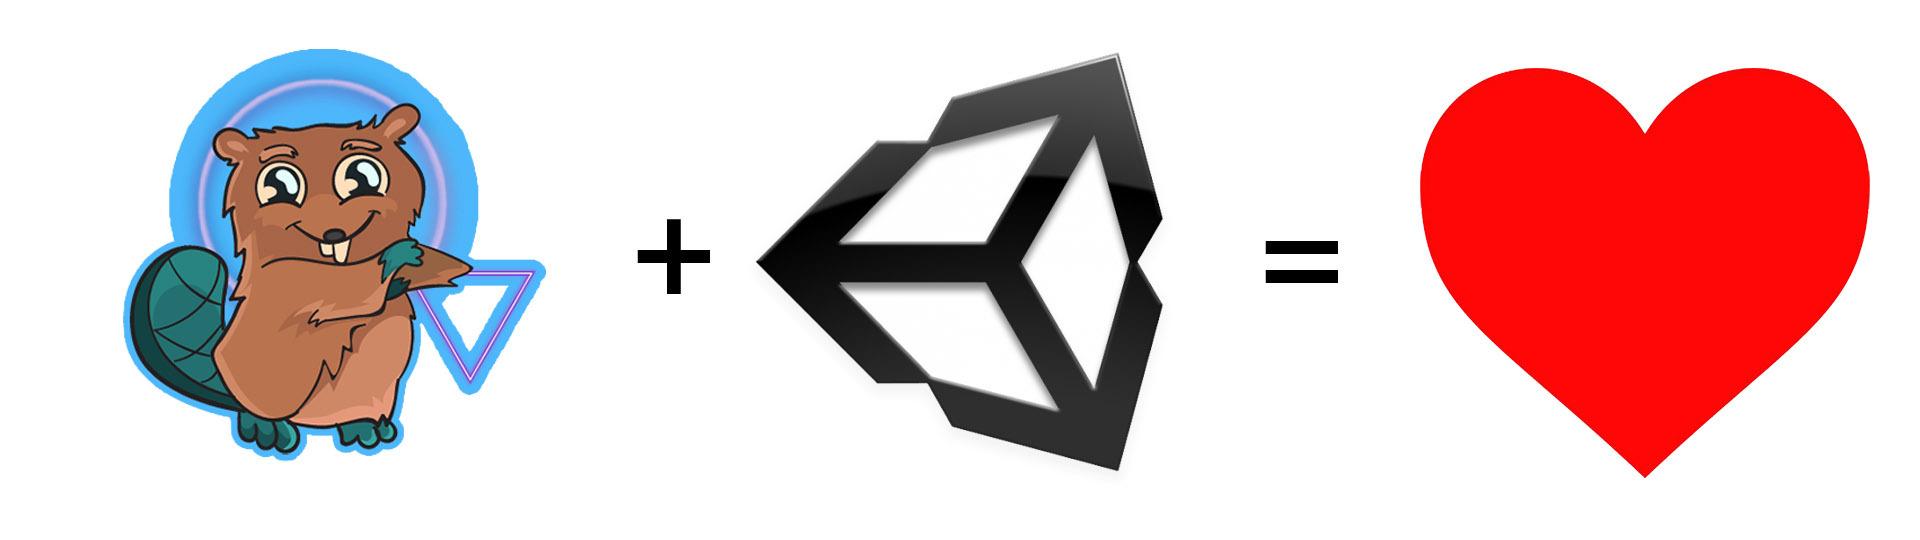 Бесплатные плагины, инструменты и сервисы для разработки игры на юнити - 1